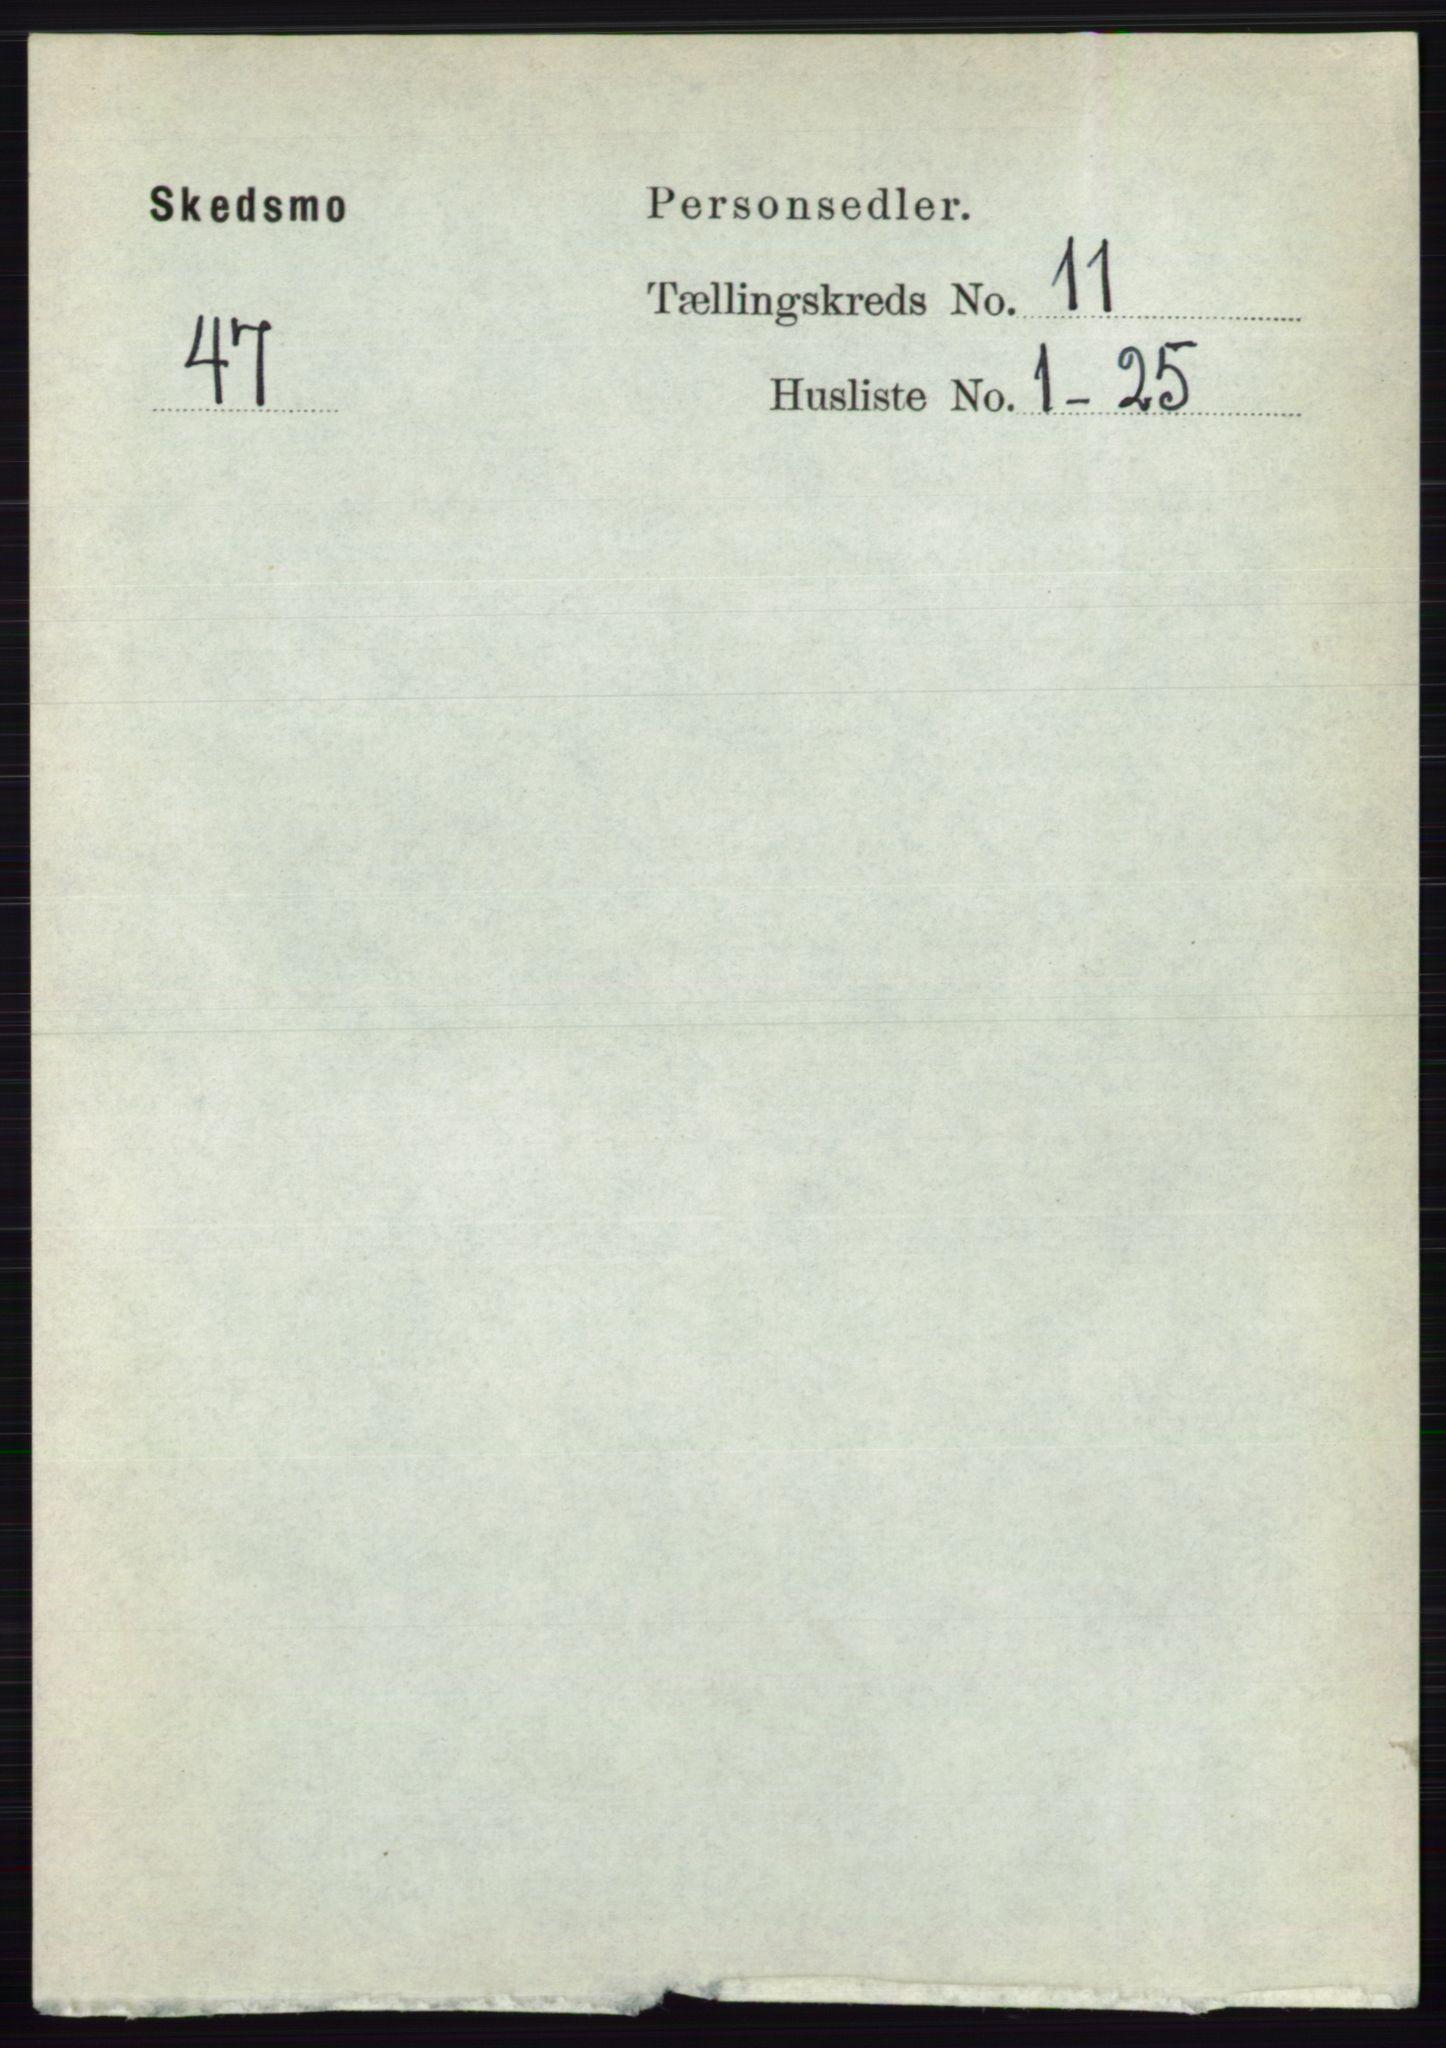 RA, Folketelling 1891 for 0231 Skedsmo herred, 1891, s. 6204